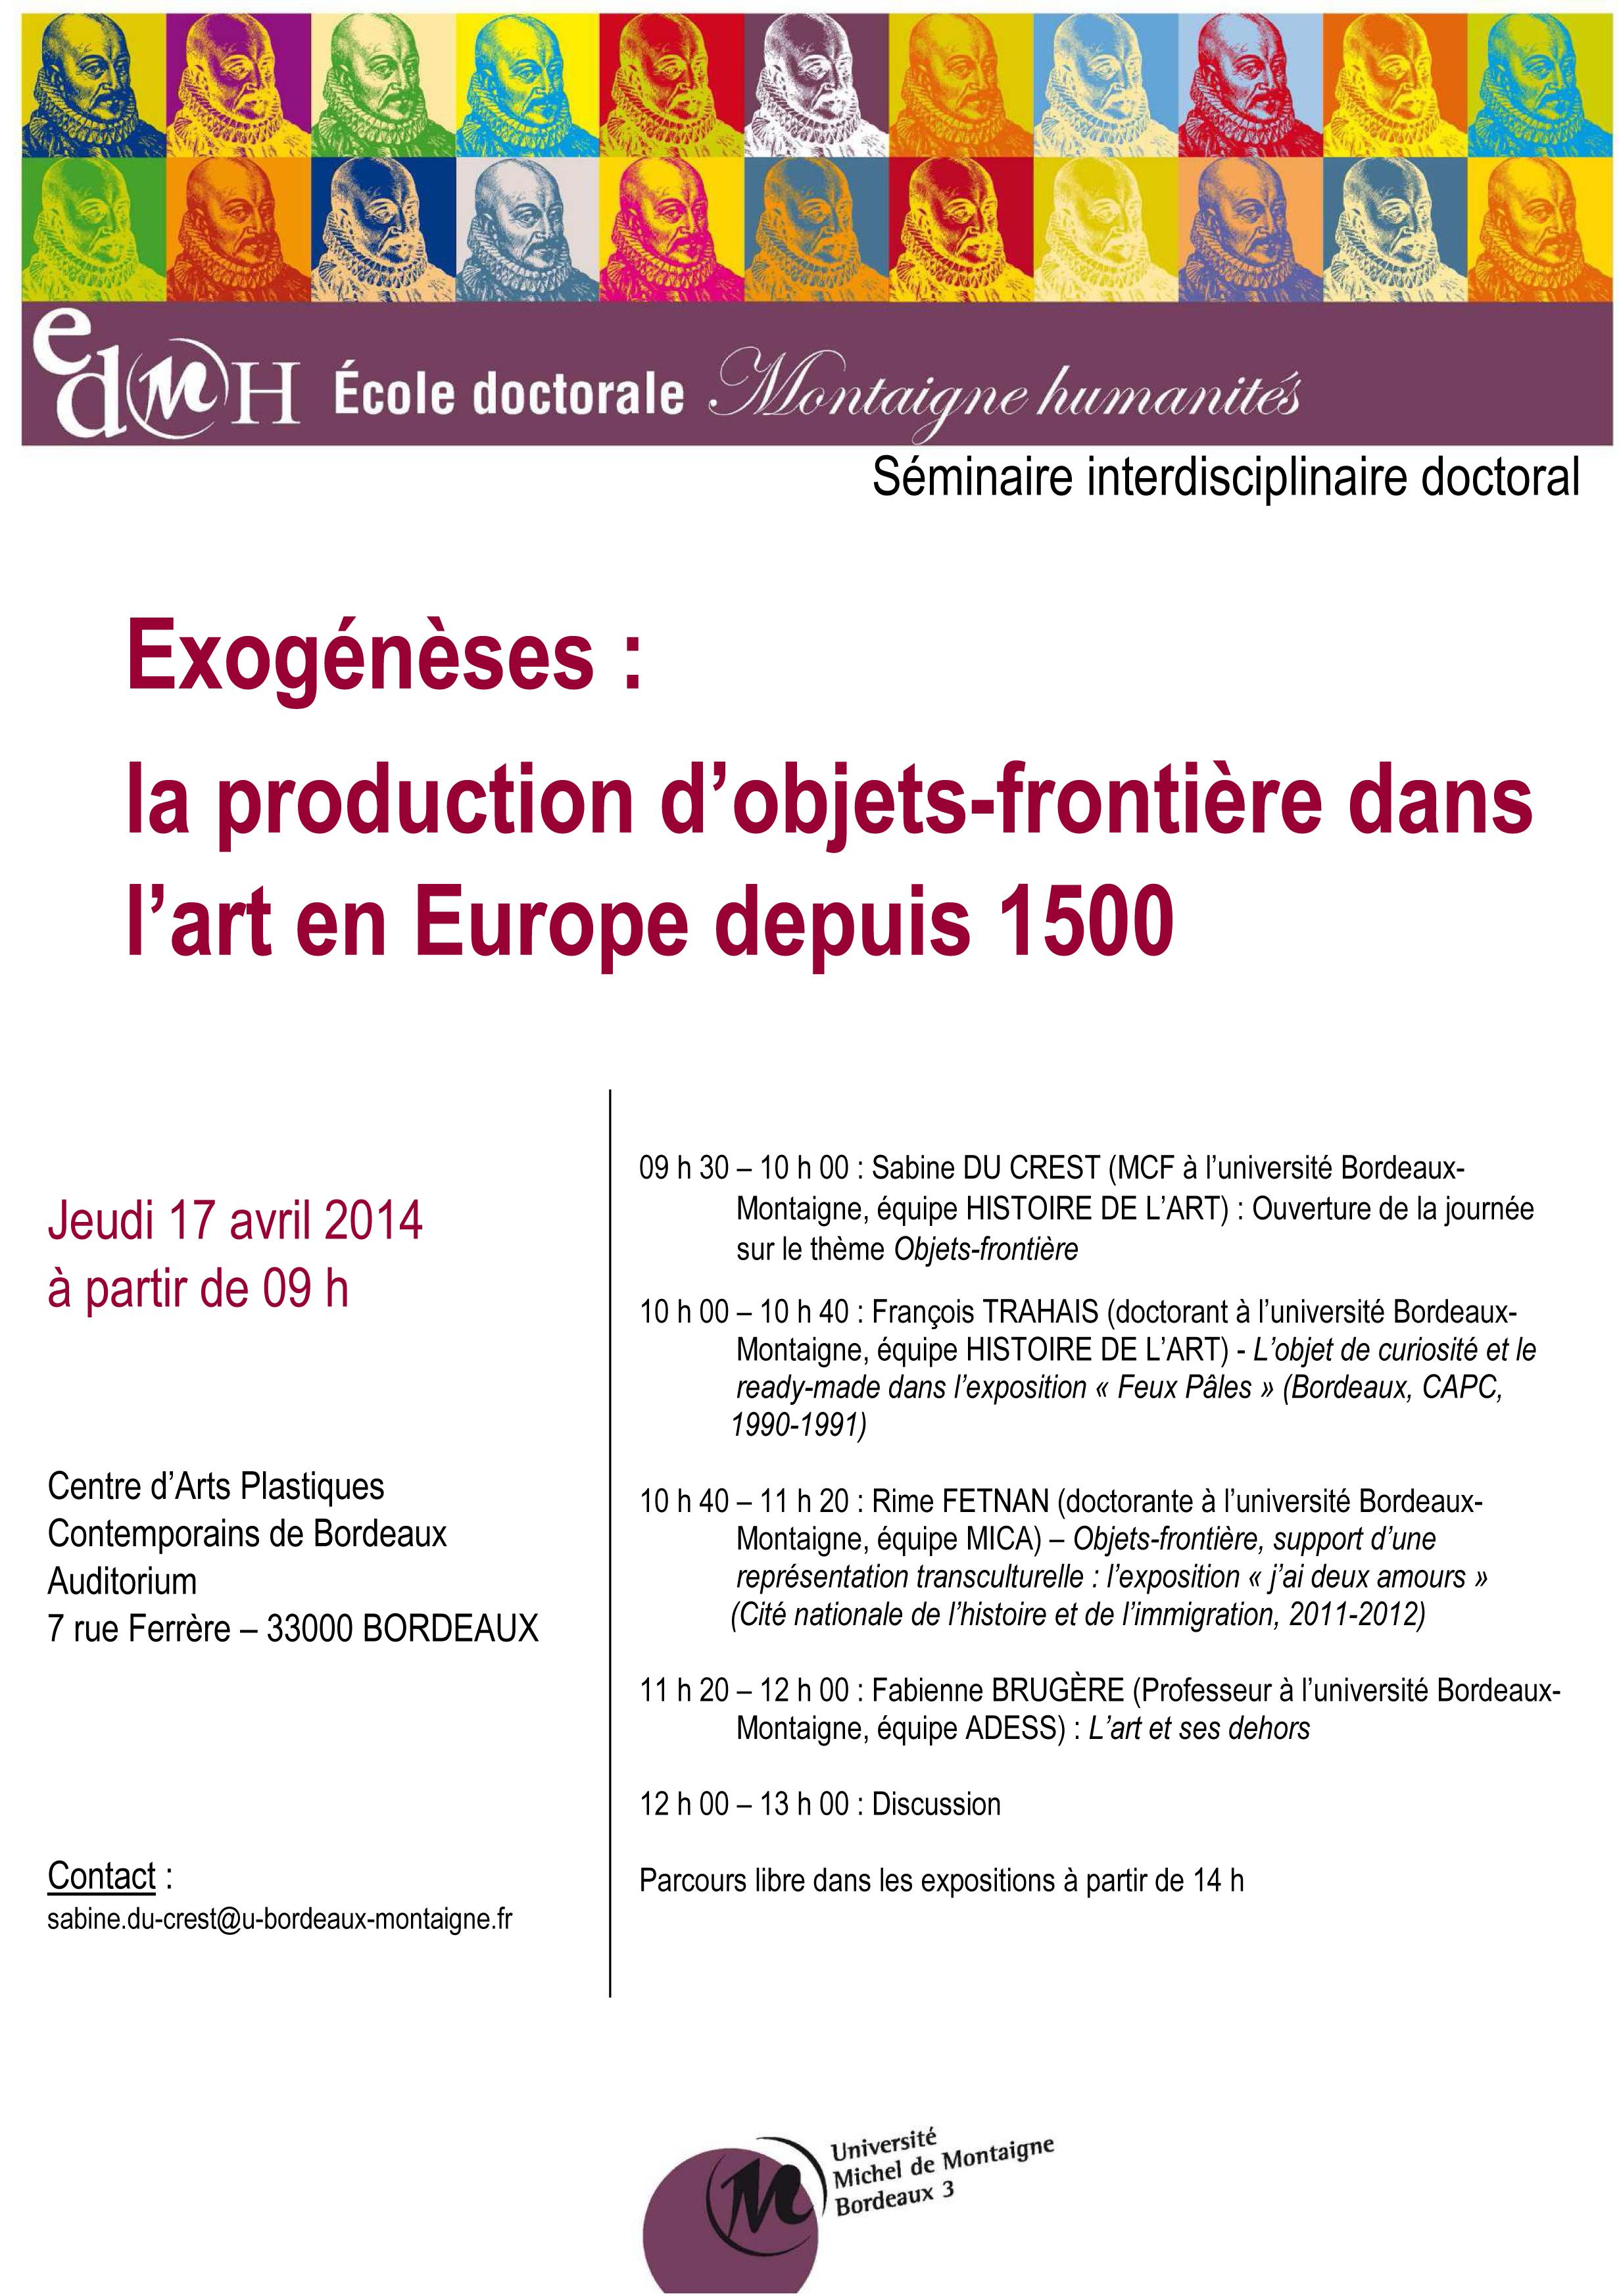 SID Exogénèse 17 04 2014